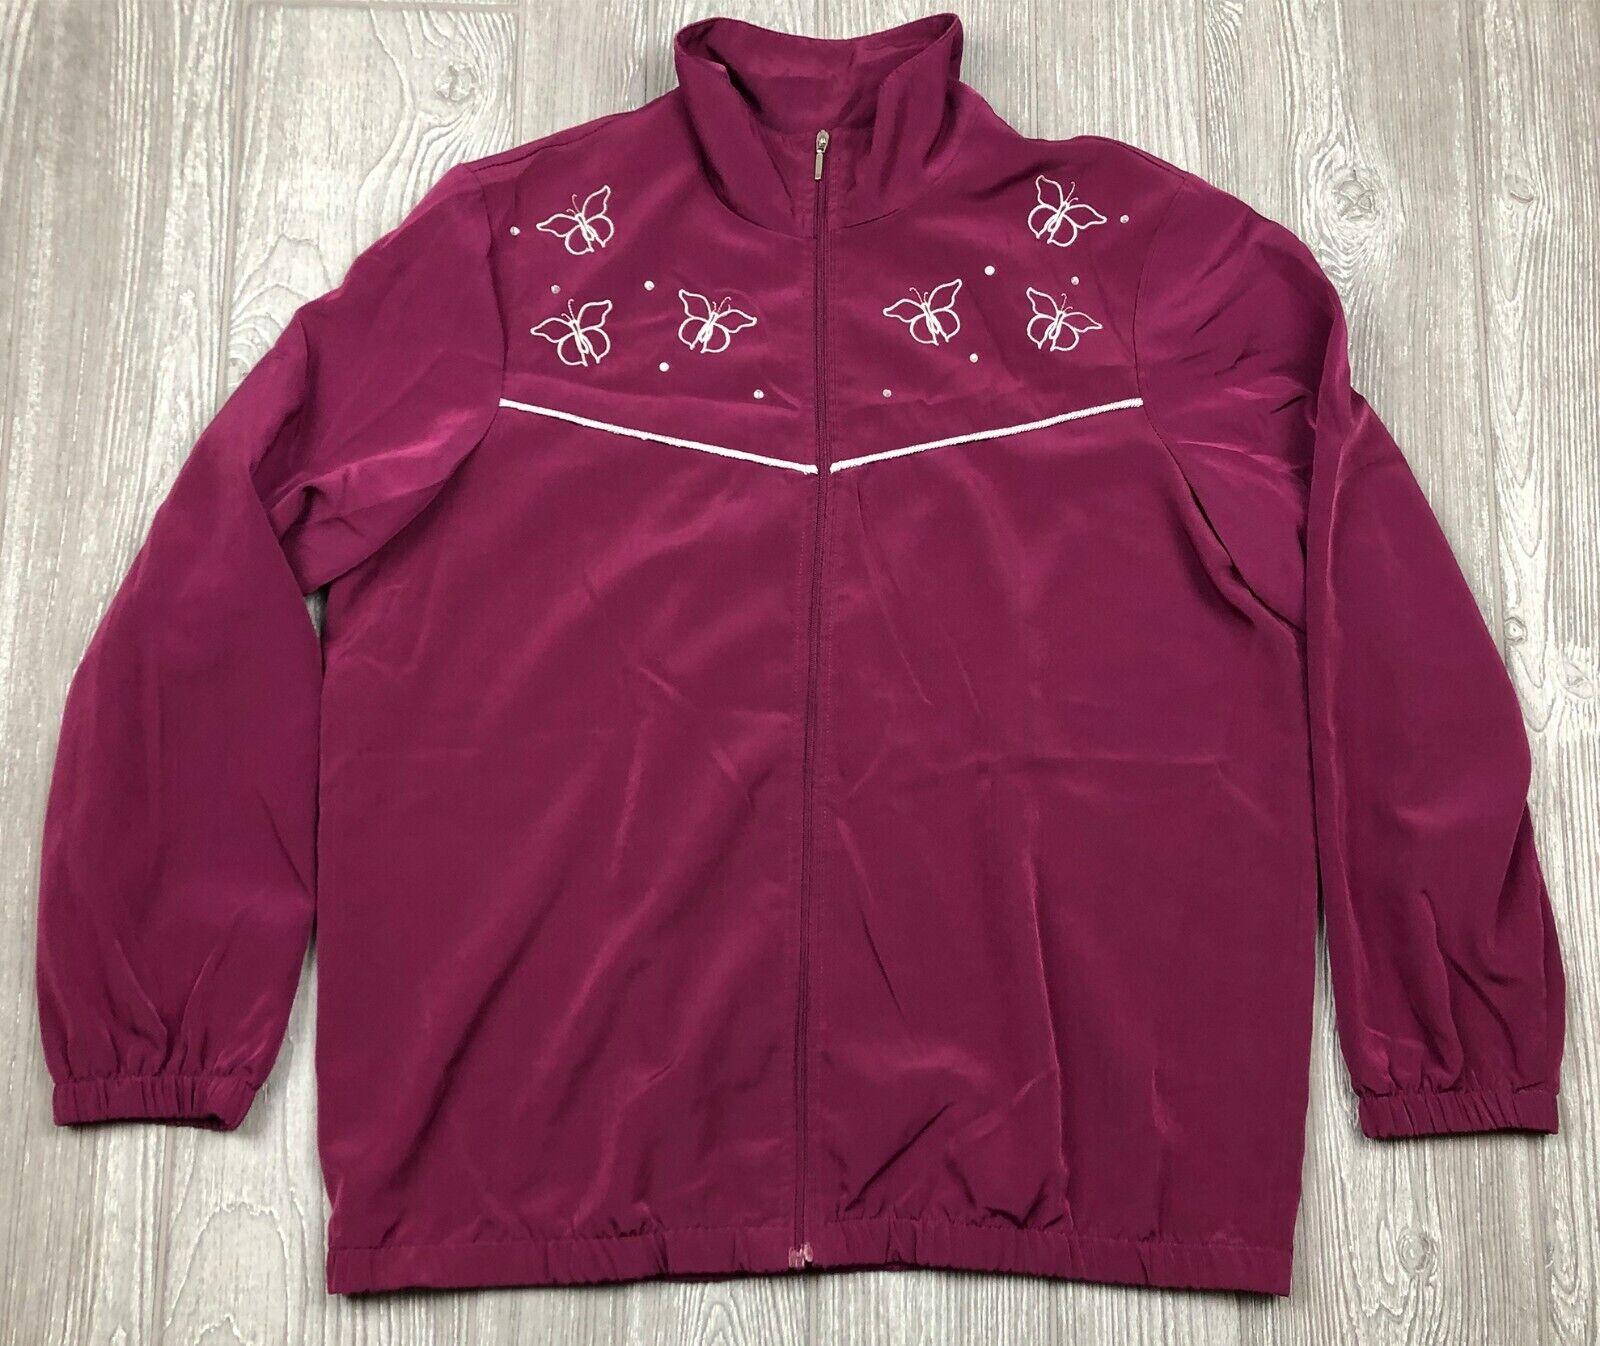 Blair Plum Butterfly Women's Full Zipper Jacket Long Sleeve Size Medium